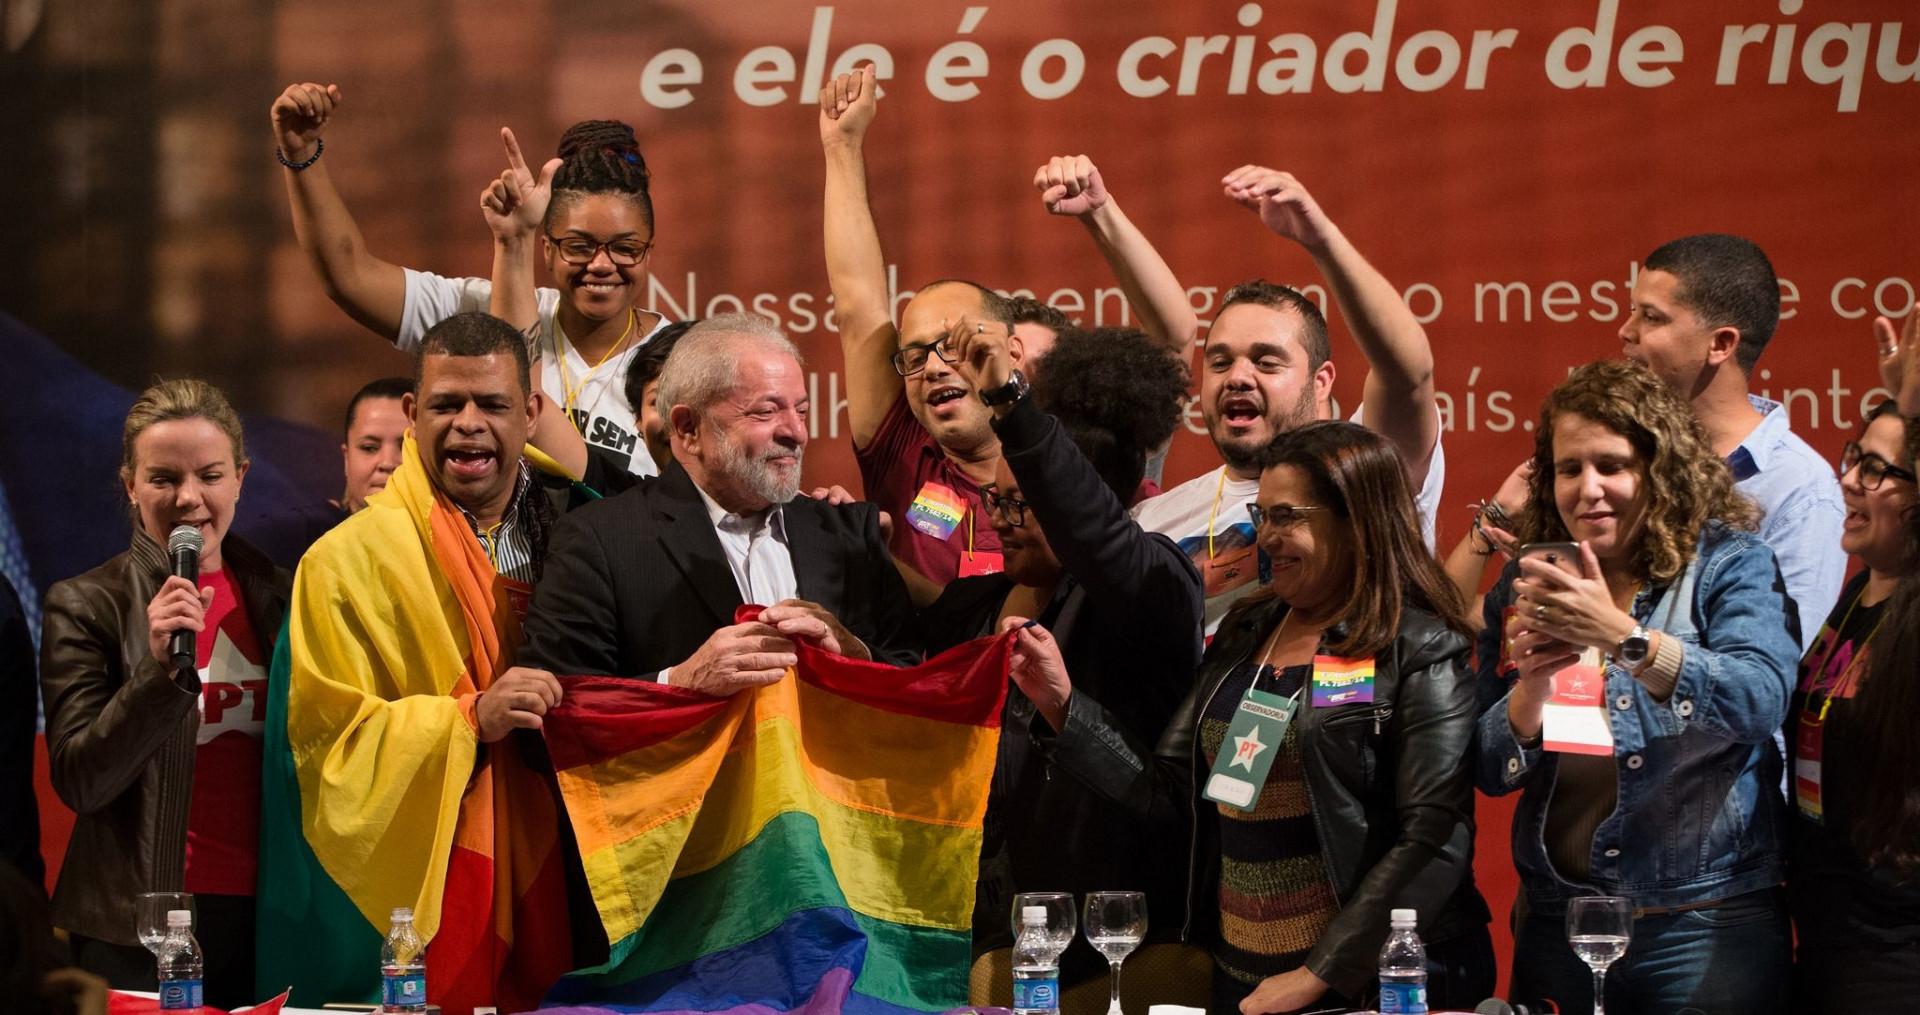 Arbeiterpartei in Brasilien hält an der Kandidatur von Lula da Silva fest